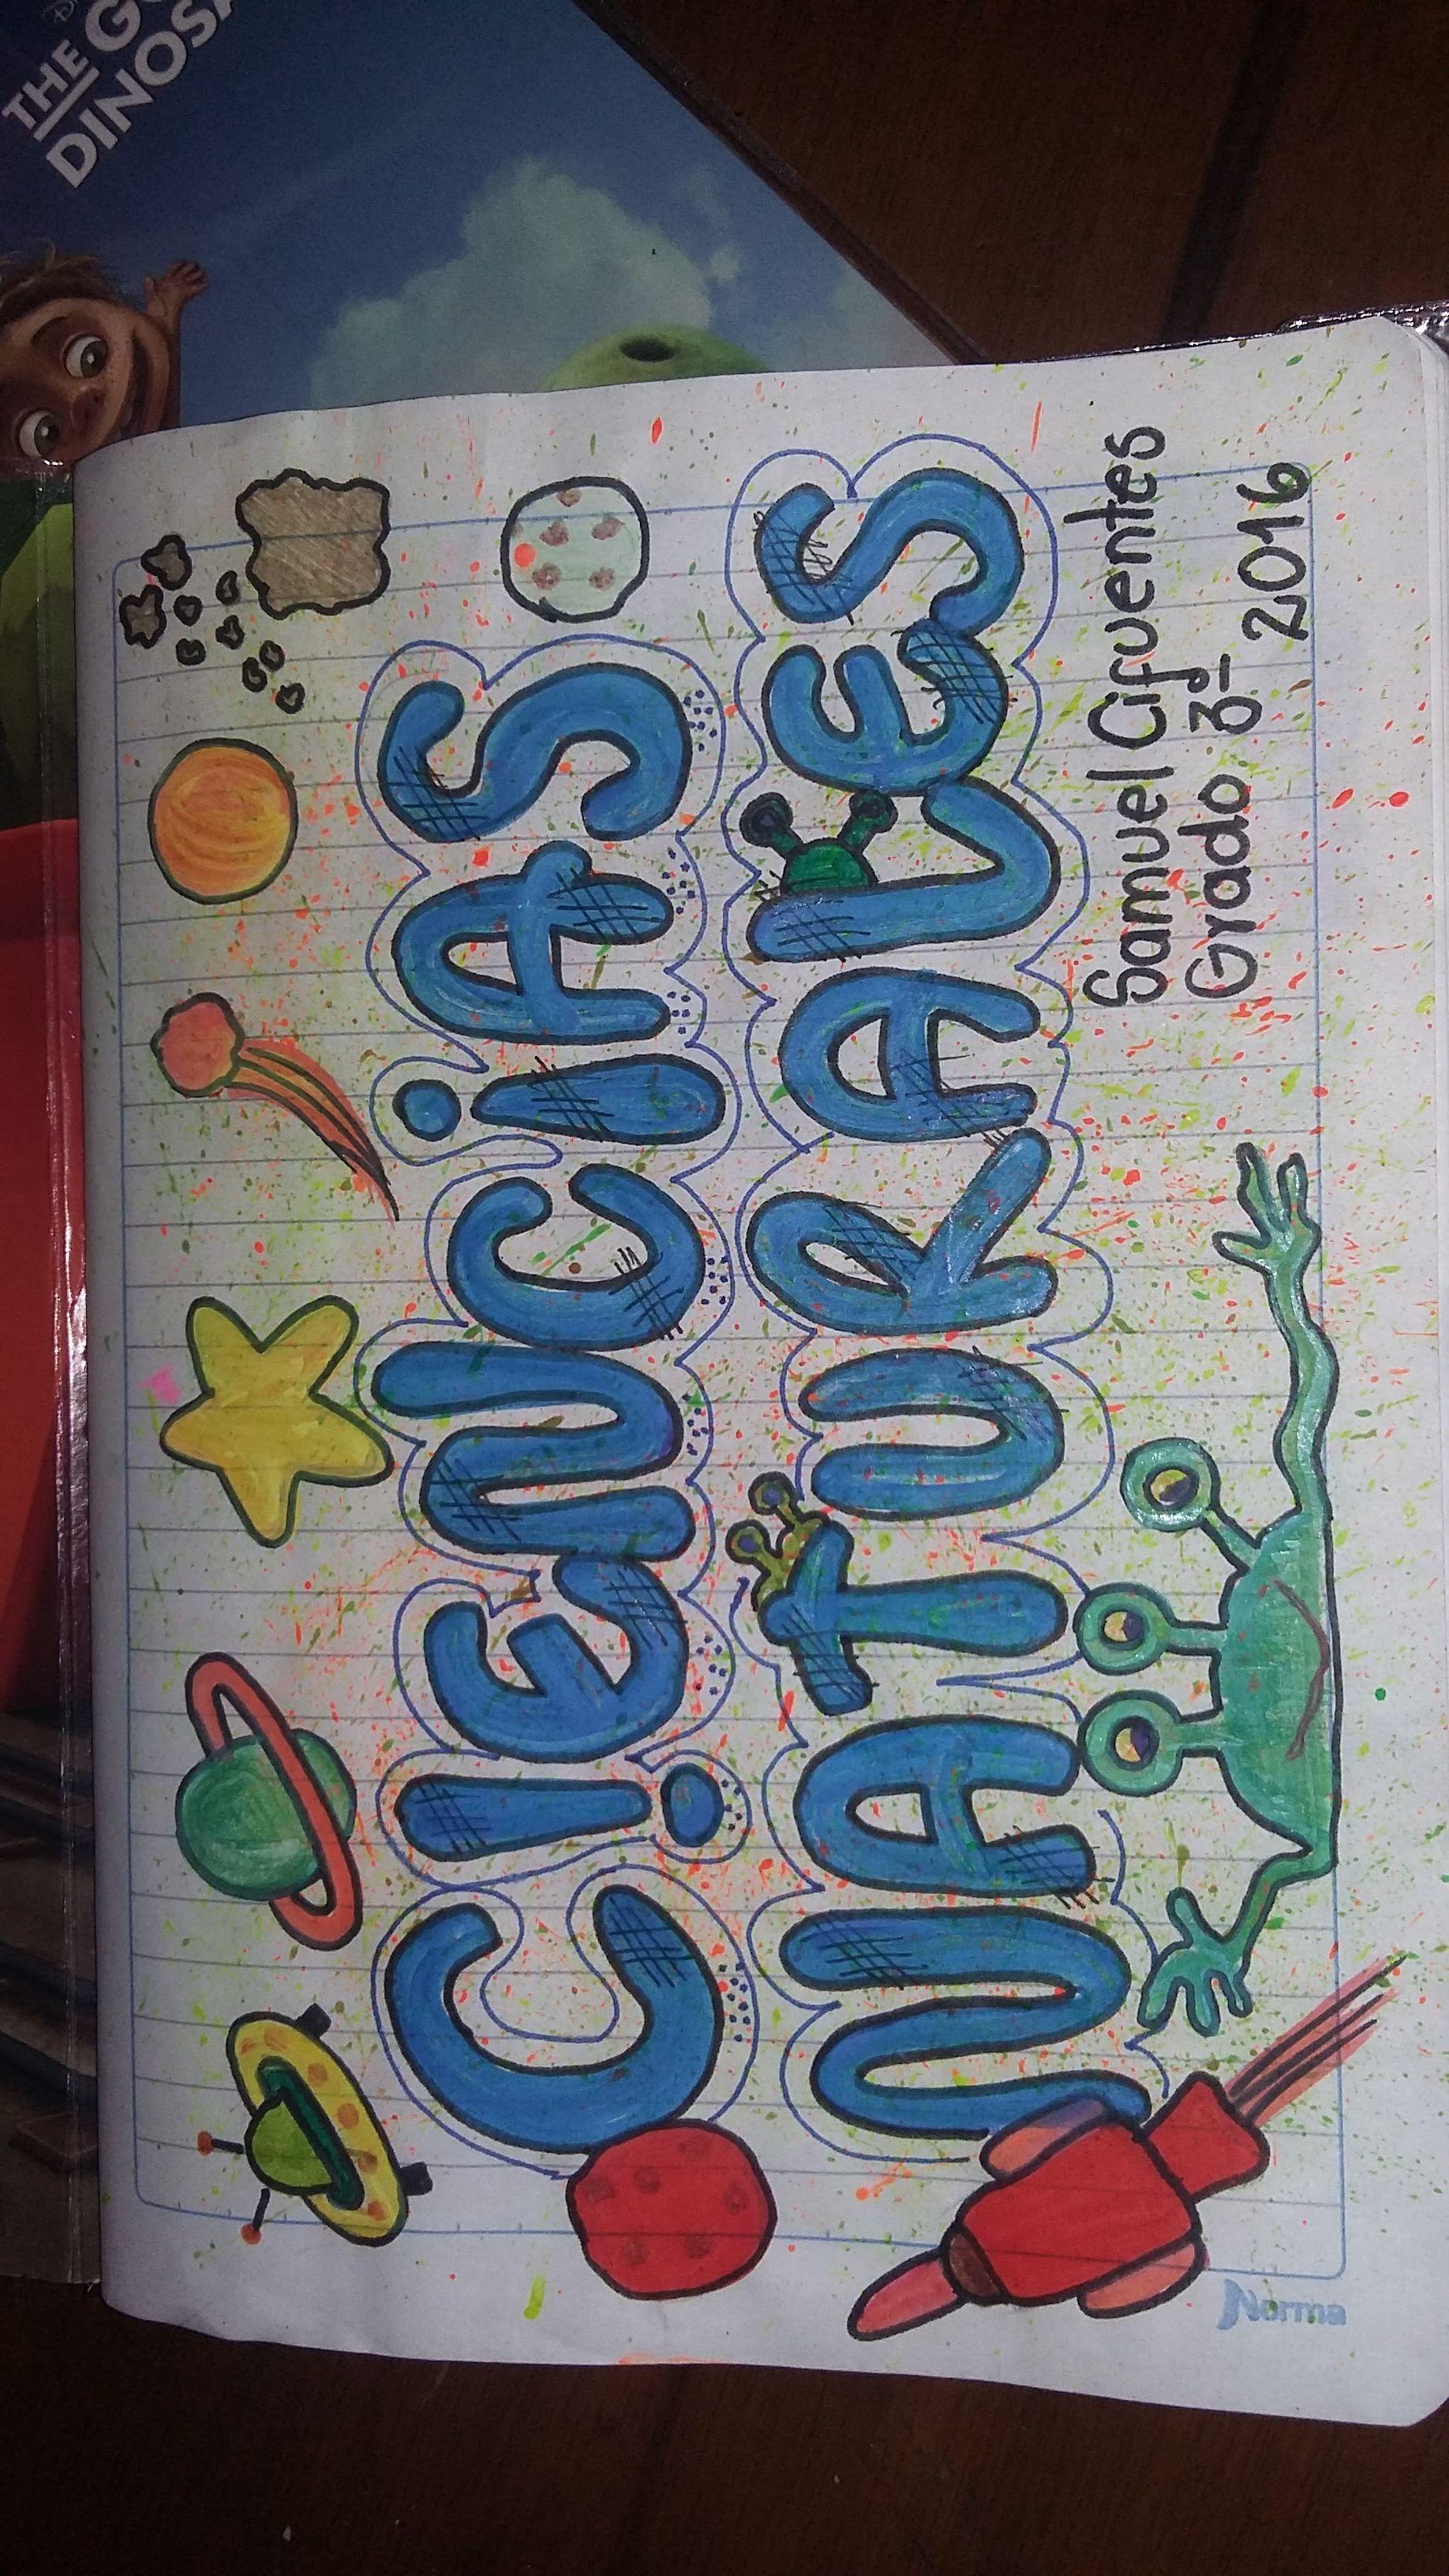 Ciencias Cuadernos Creativos Marcar Cuadernos Carátulas Para Cuadernos